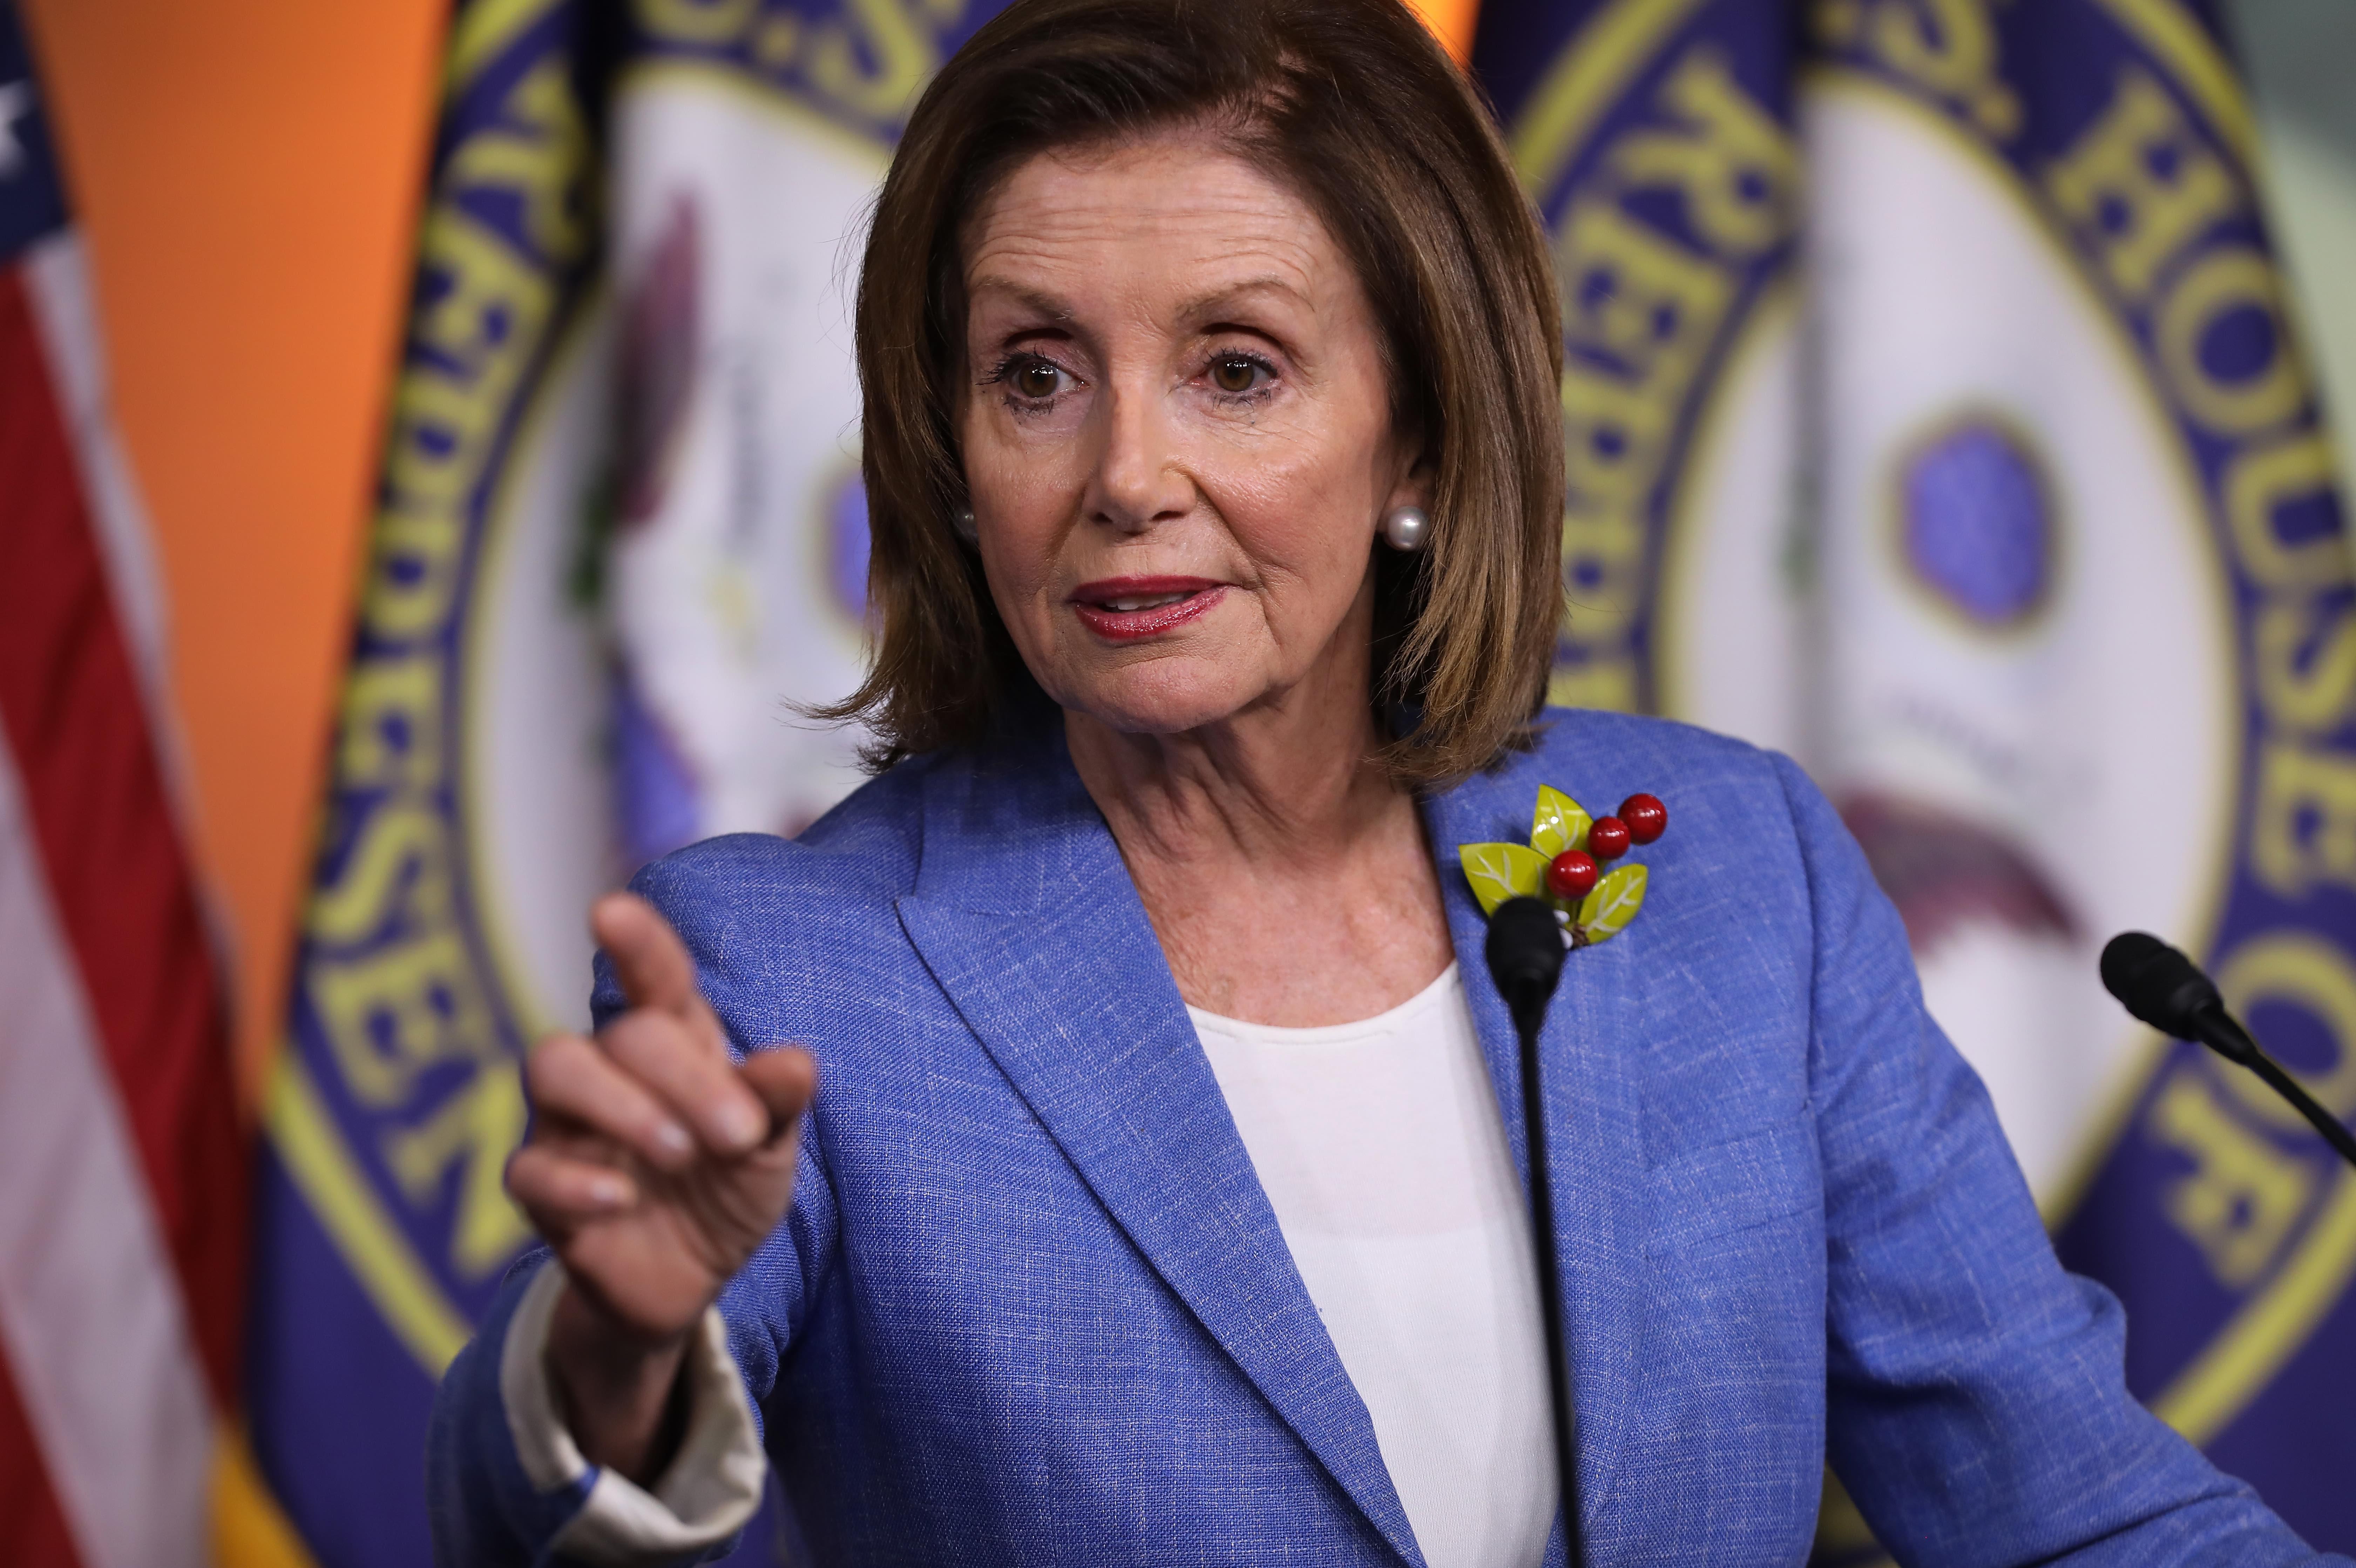 Los politicos del año 2019: Nancy Pelosi. Photo: Getty Images